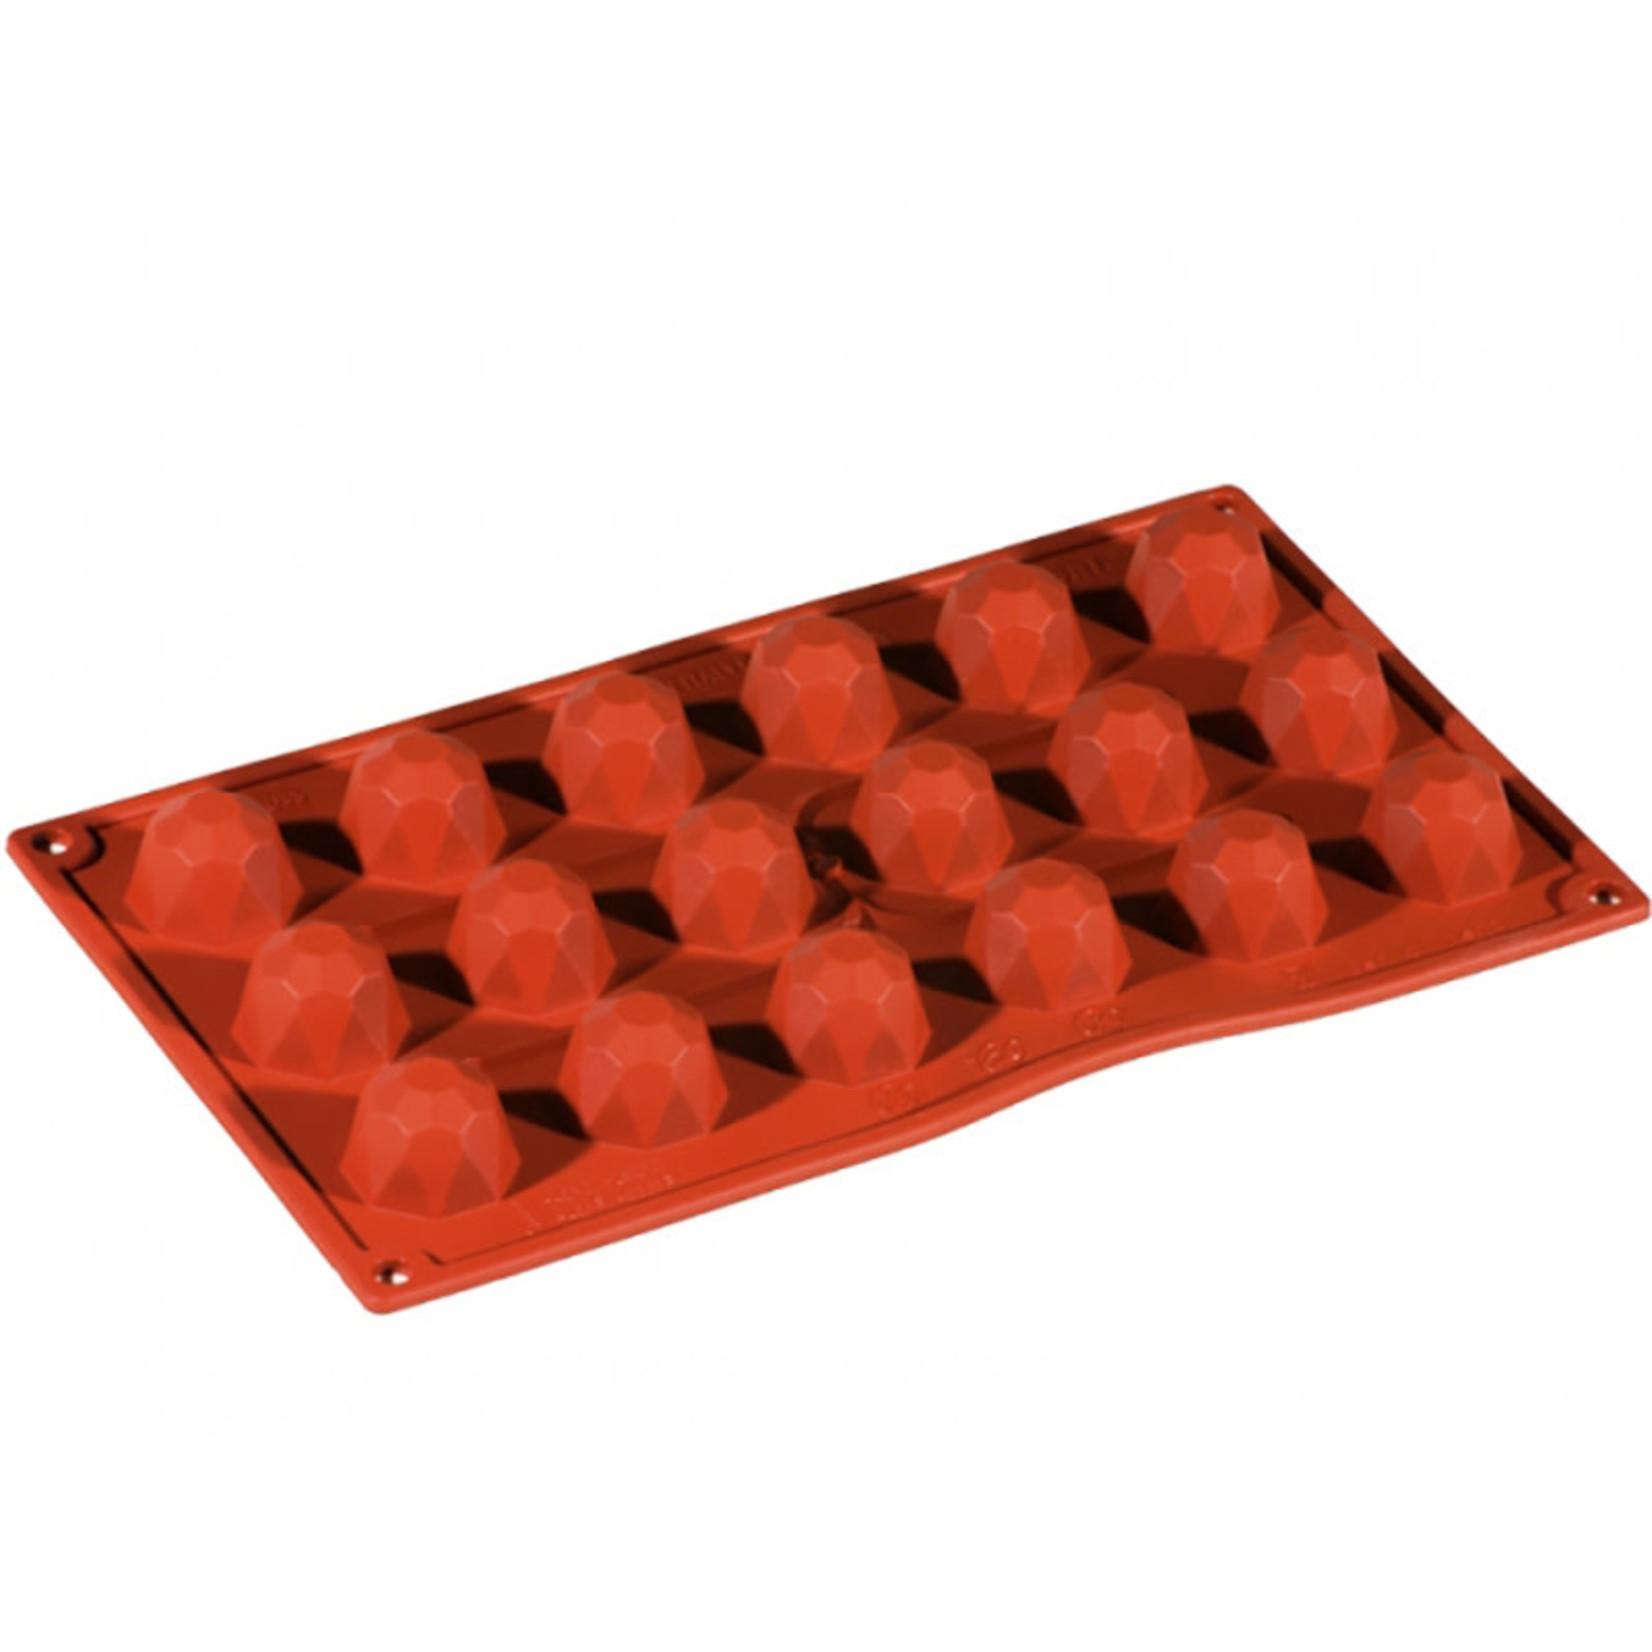 Pavoni Pavoni - Formaflex silicone mold, Diamante Piccolo (18 cavity), FR033